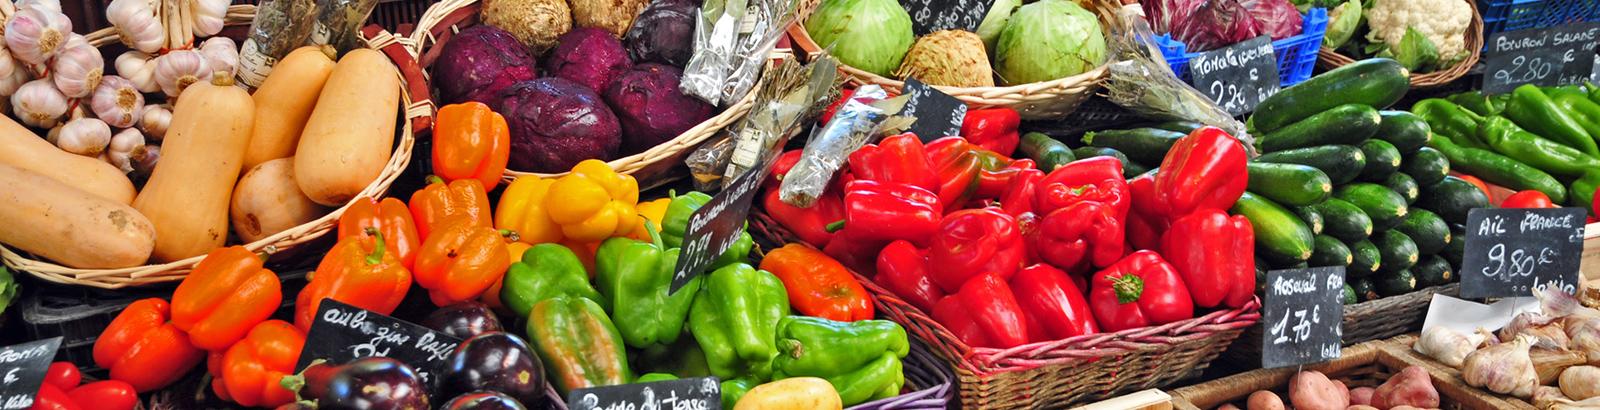 Fraîcheur et gastronomie sur les marchés locaux